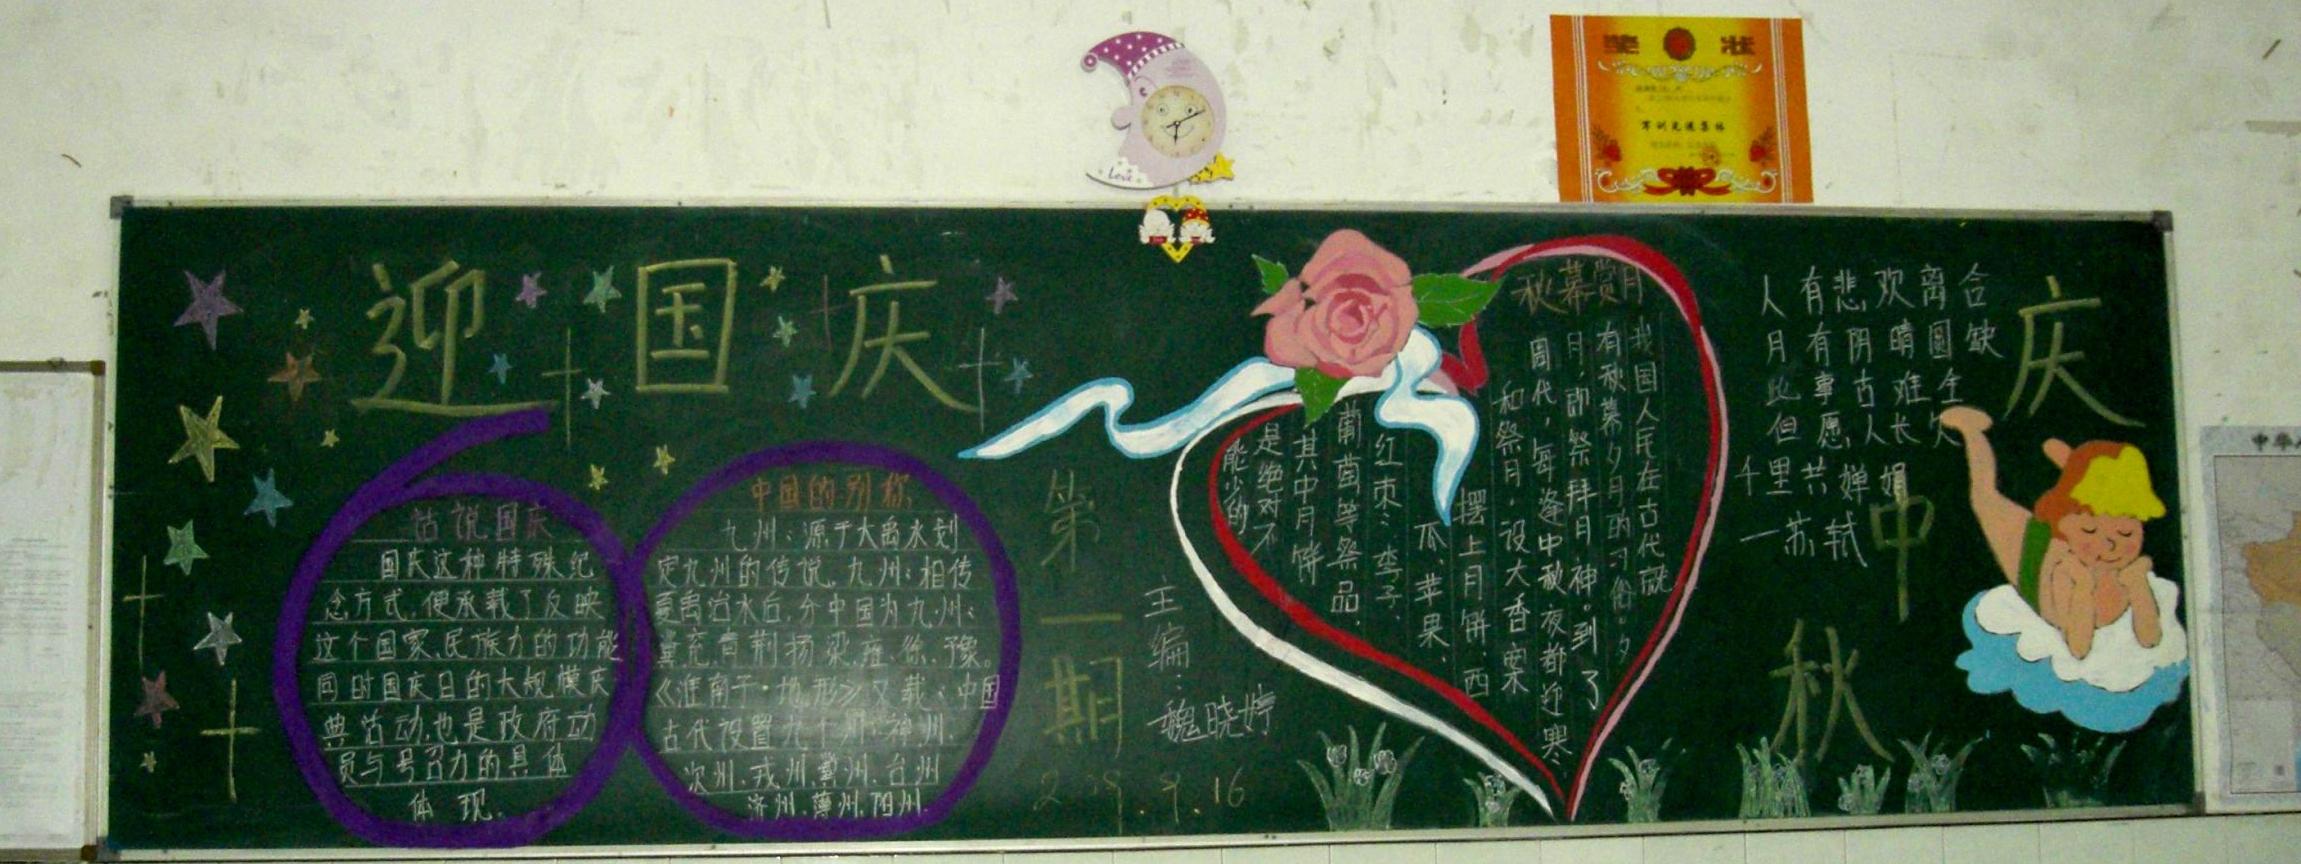 黑板报版面设计图:迎国庆庆中秋黑板报